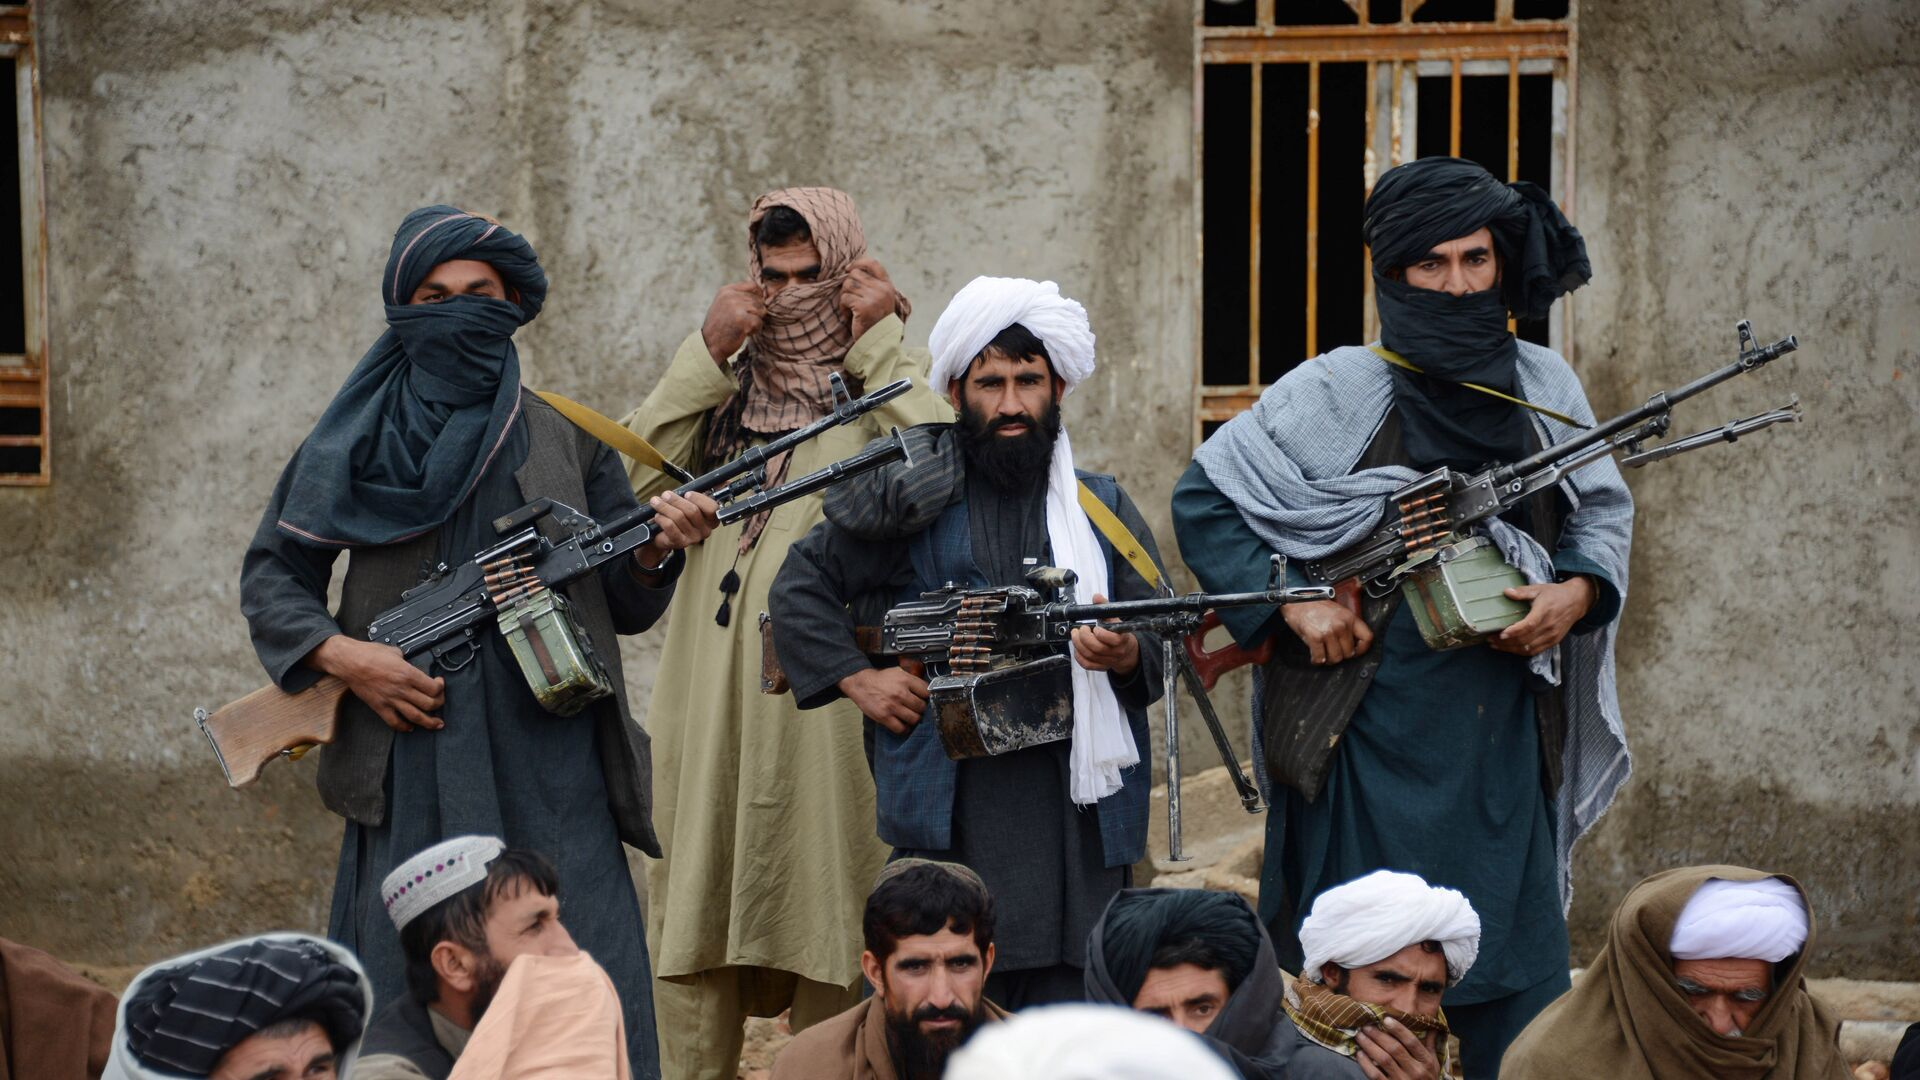 Афганские талибы, архивное фото - Sputnik Таджикистан, 1920, 29.06.2021